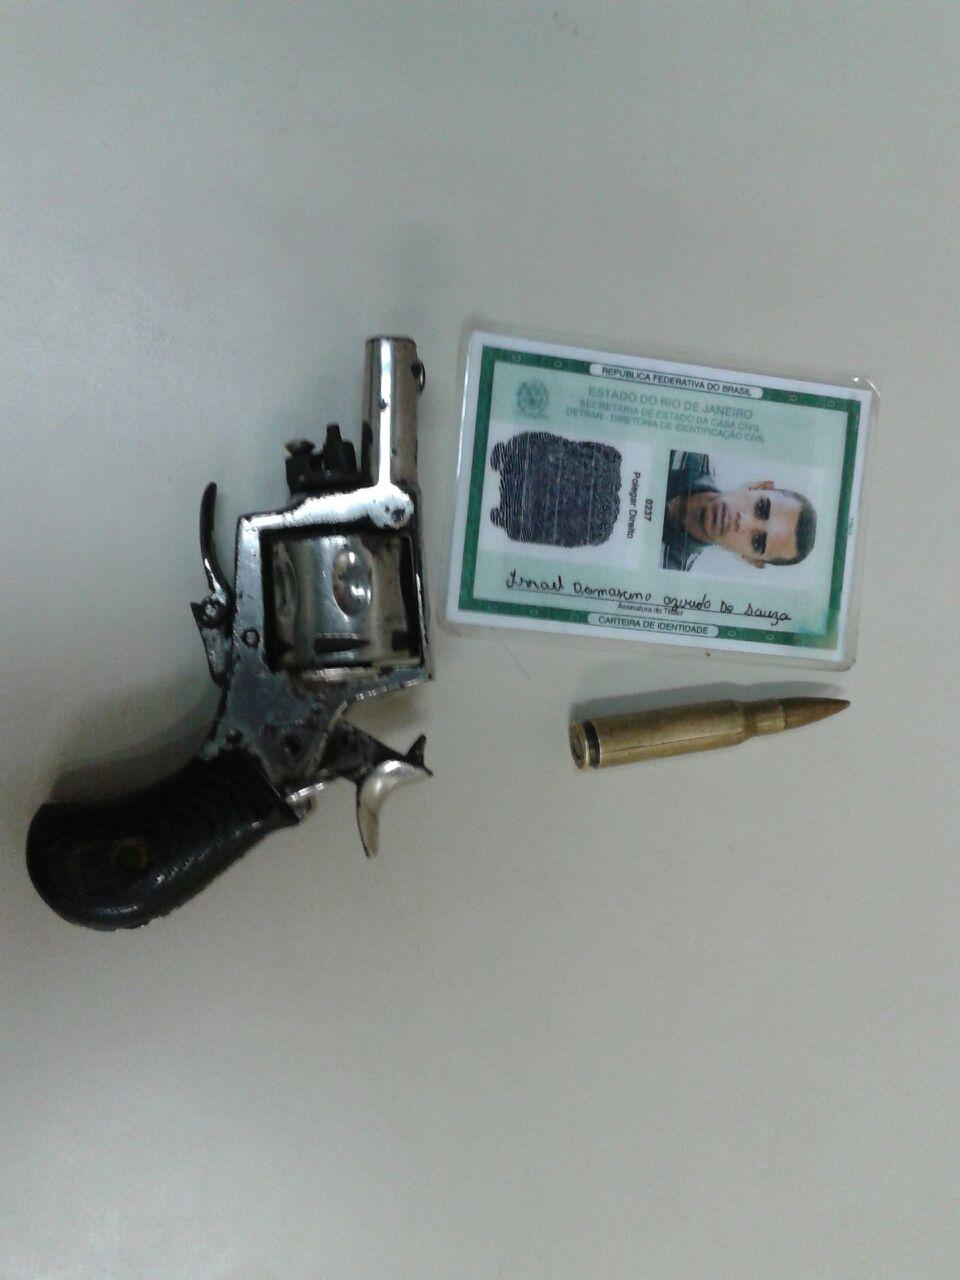 Na casa de Israel foi encontrado um revóvel e uma munição de fuzil.